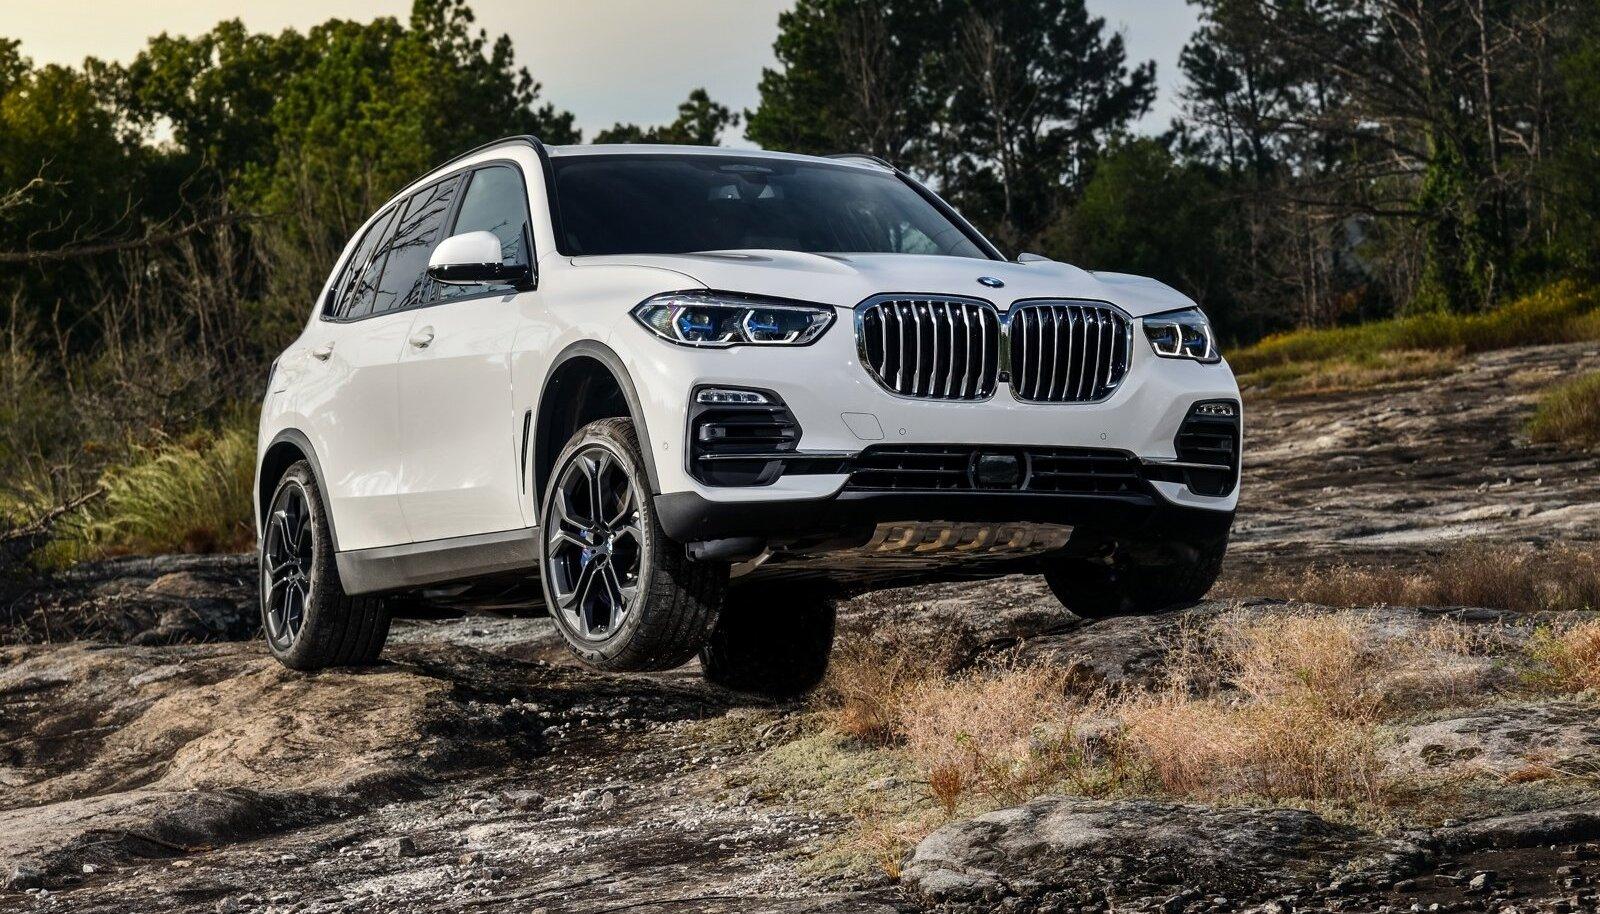 Kõik head sõiduomadused on uuel BMW X5-l olemas. Seda võib endiselt nimetada luksusmaasturite maanteesõidu kuningaks, kuid nüüd saab see esimest korda hakkama ka maastikul.